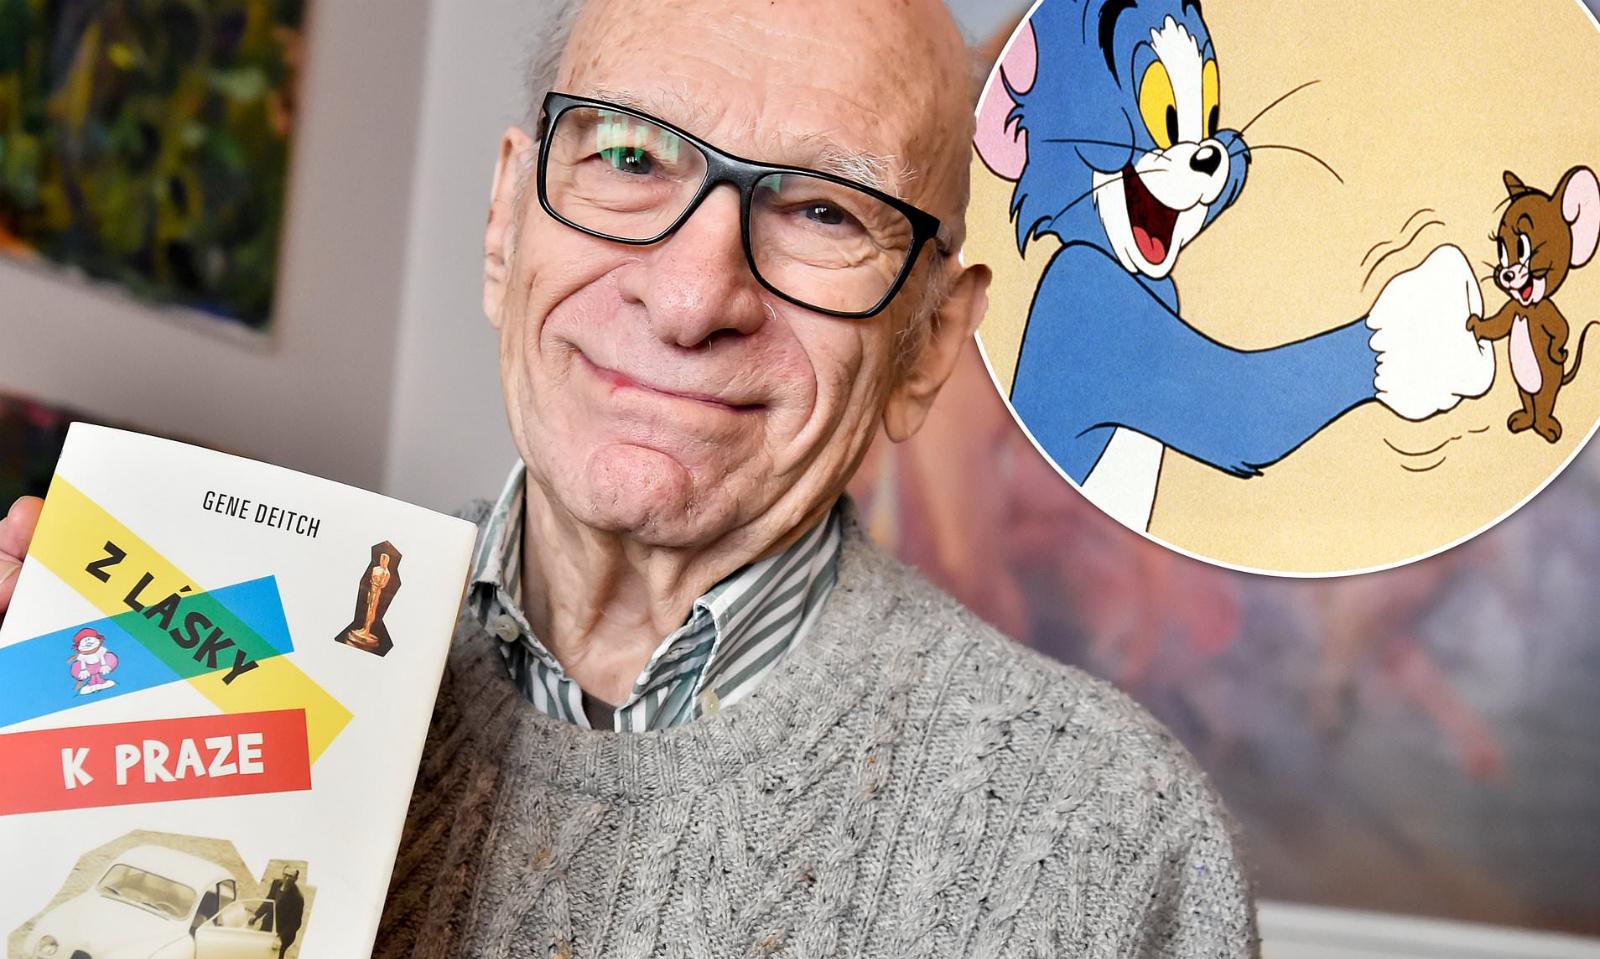 《猫和老鼠》导演、知名动画师吉恩·戴奇离世,享年 95 岁